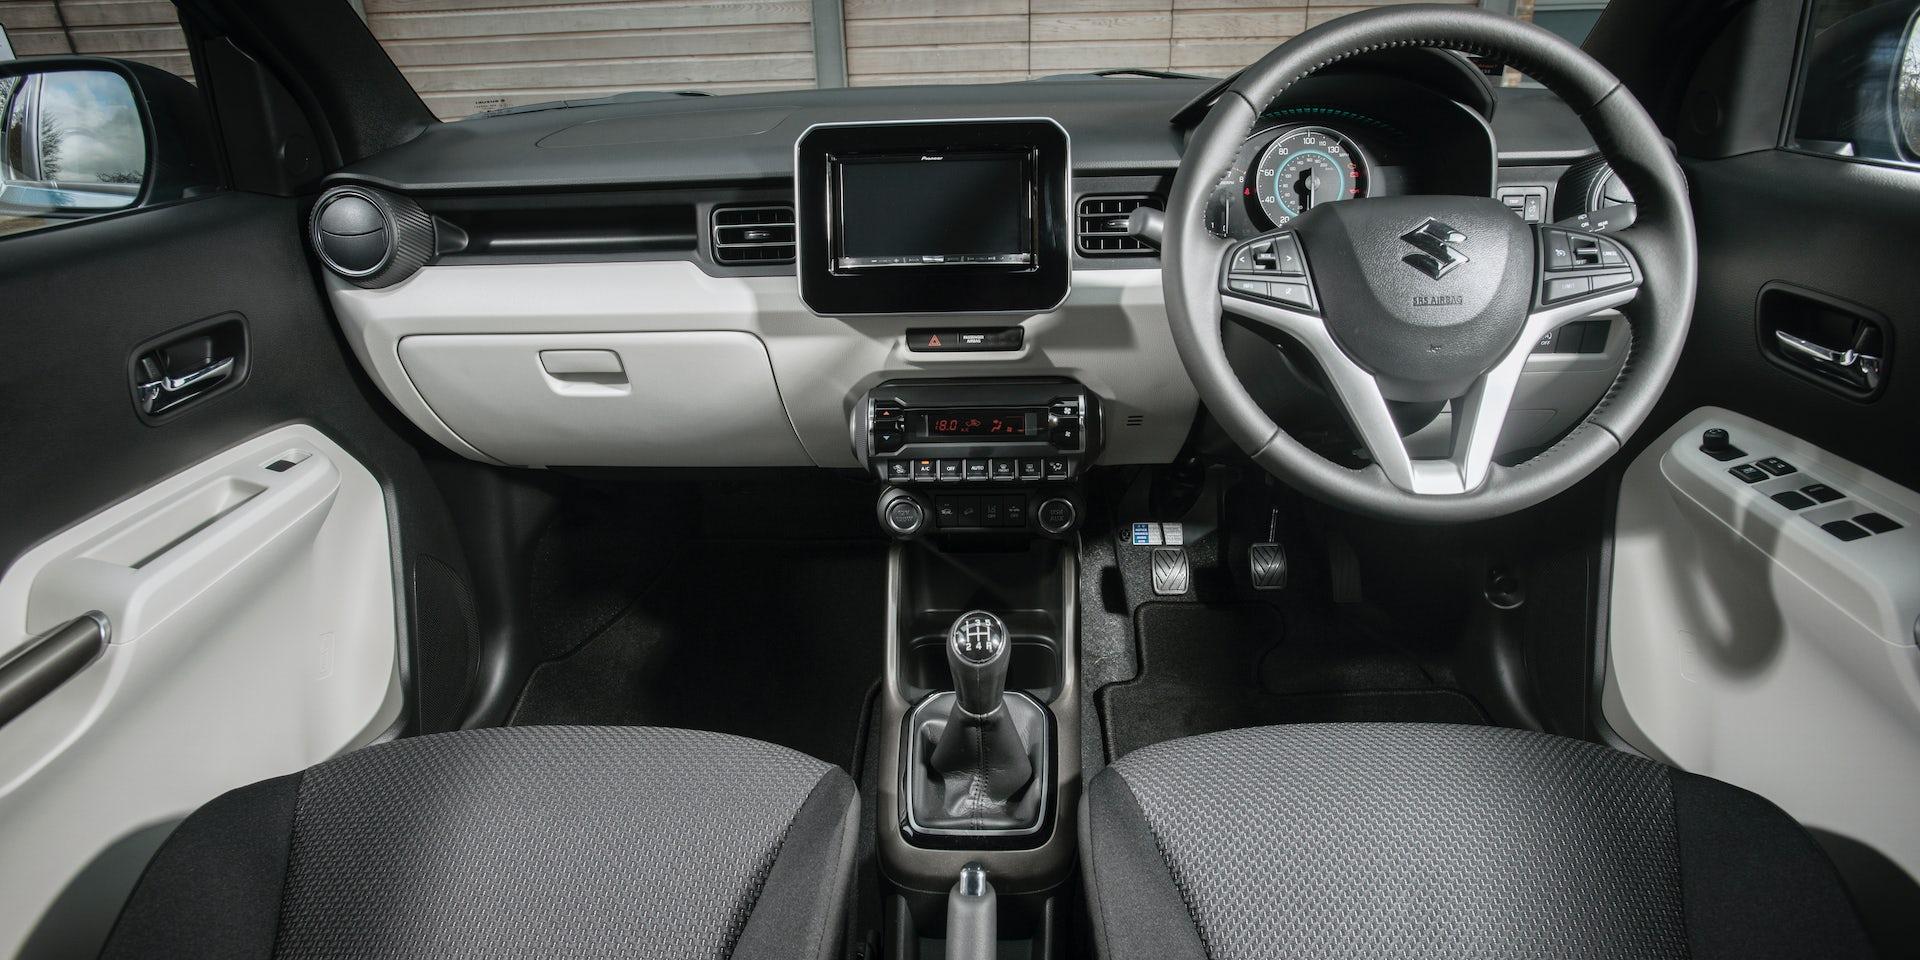 Suzuki Ignis Interior